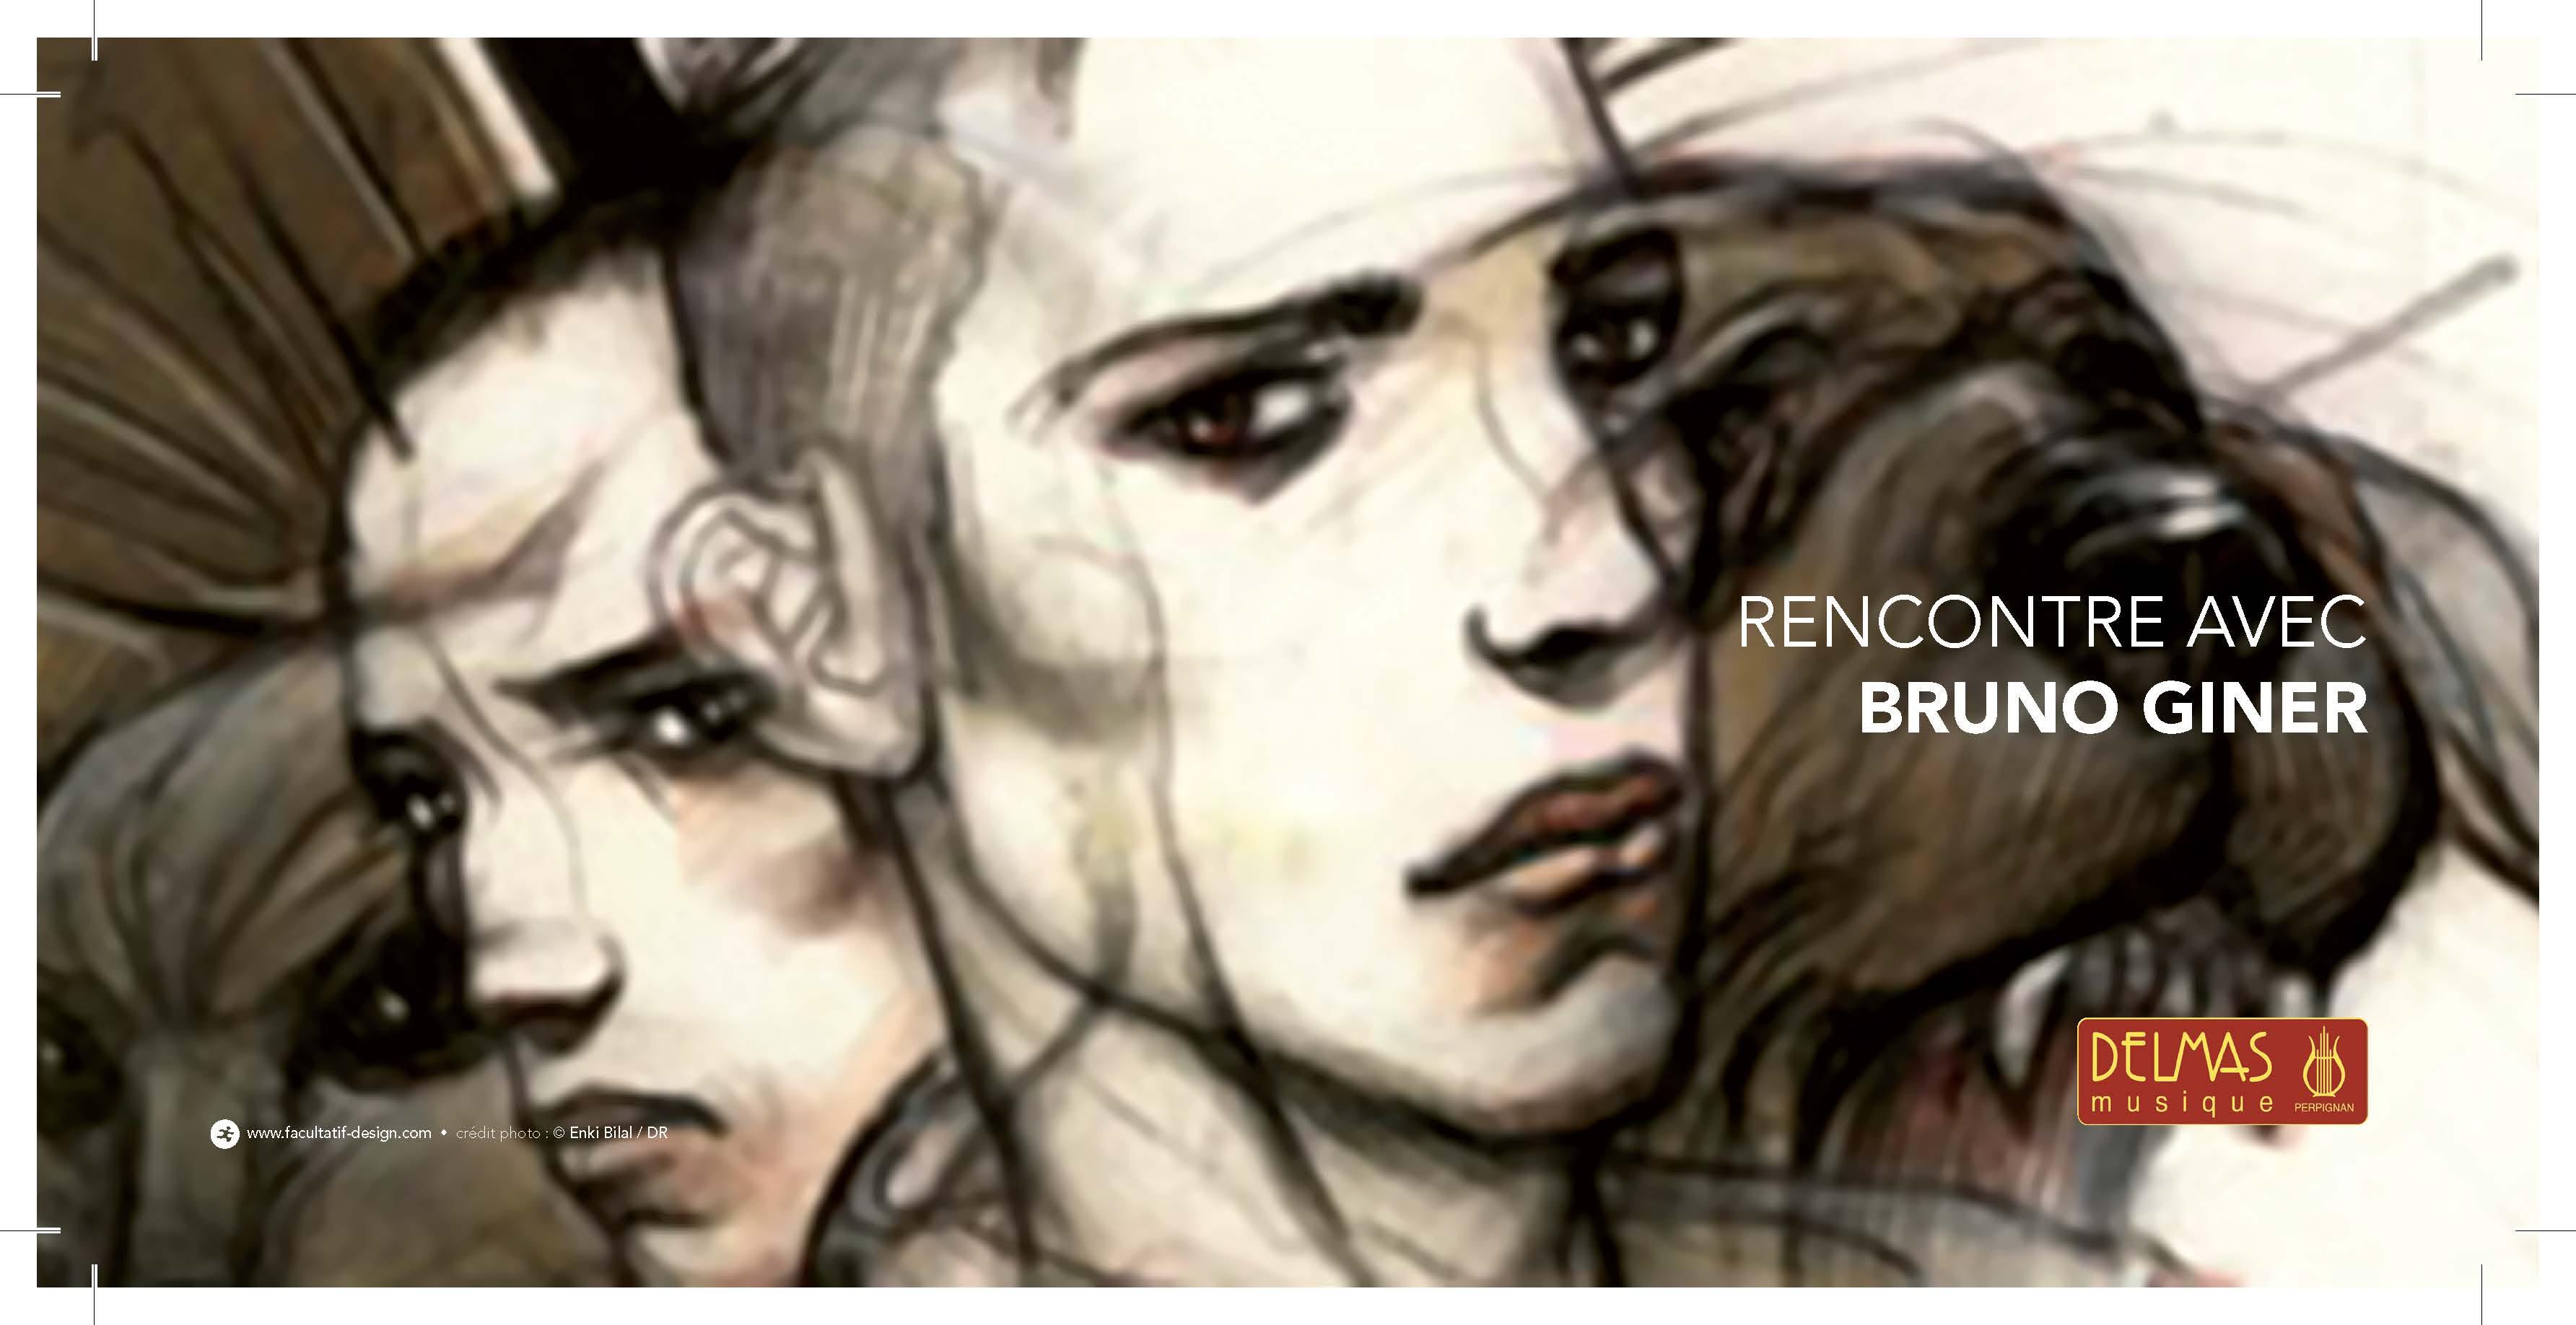 Delmas Musique Invitation_Bruno_Giner_Page_1 Rencontre avec Bruno Giner compositeur & musicologue